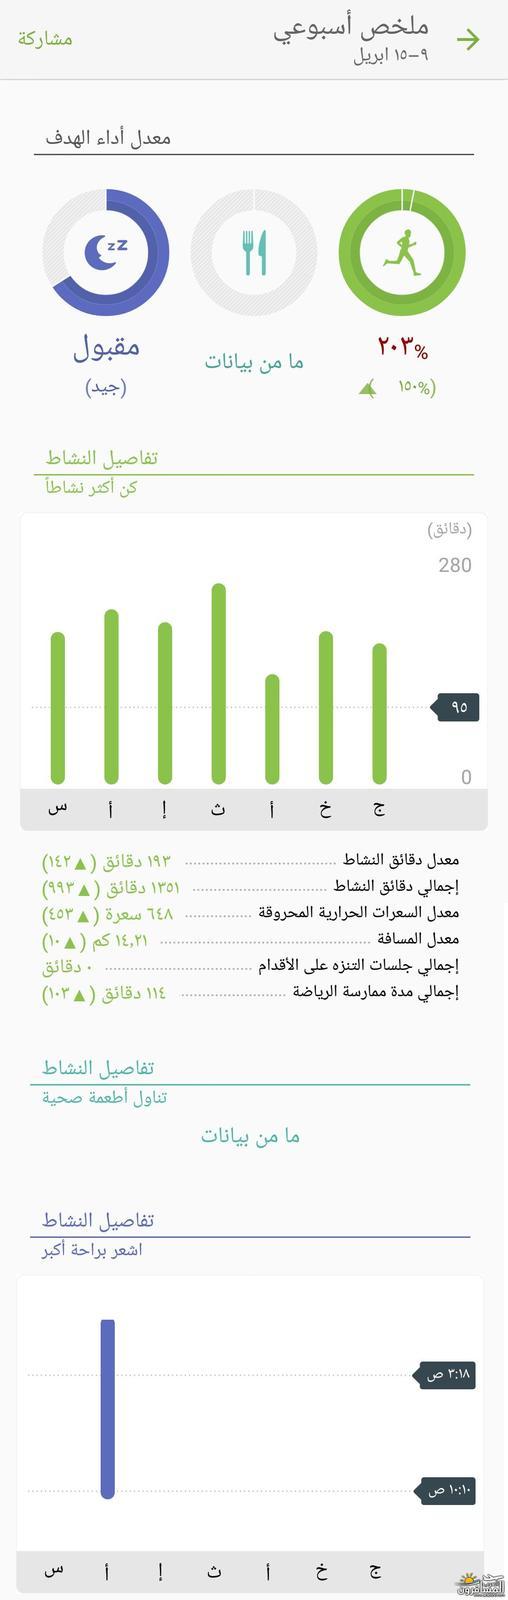 arabtrvl1466771741157.jpg